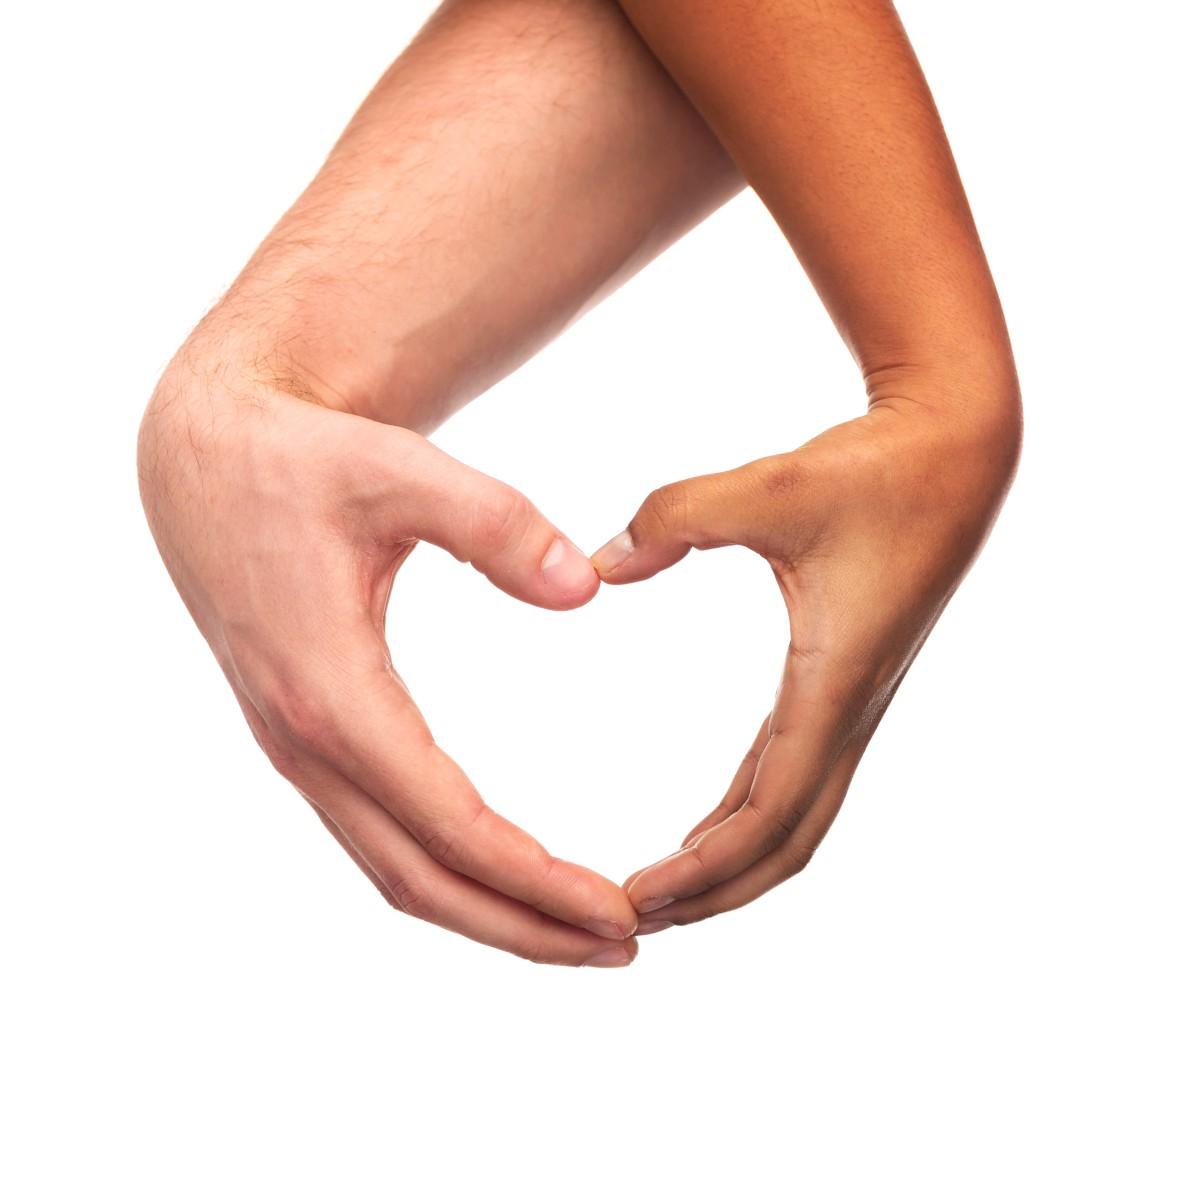 Saint-Valentin, célébration de l'amour